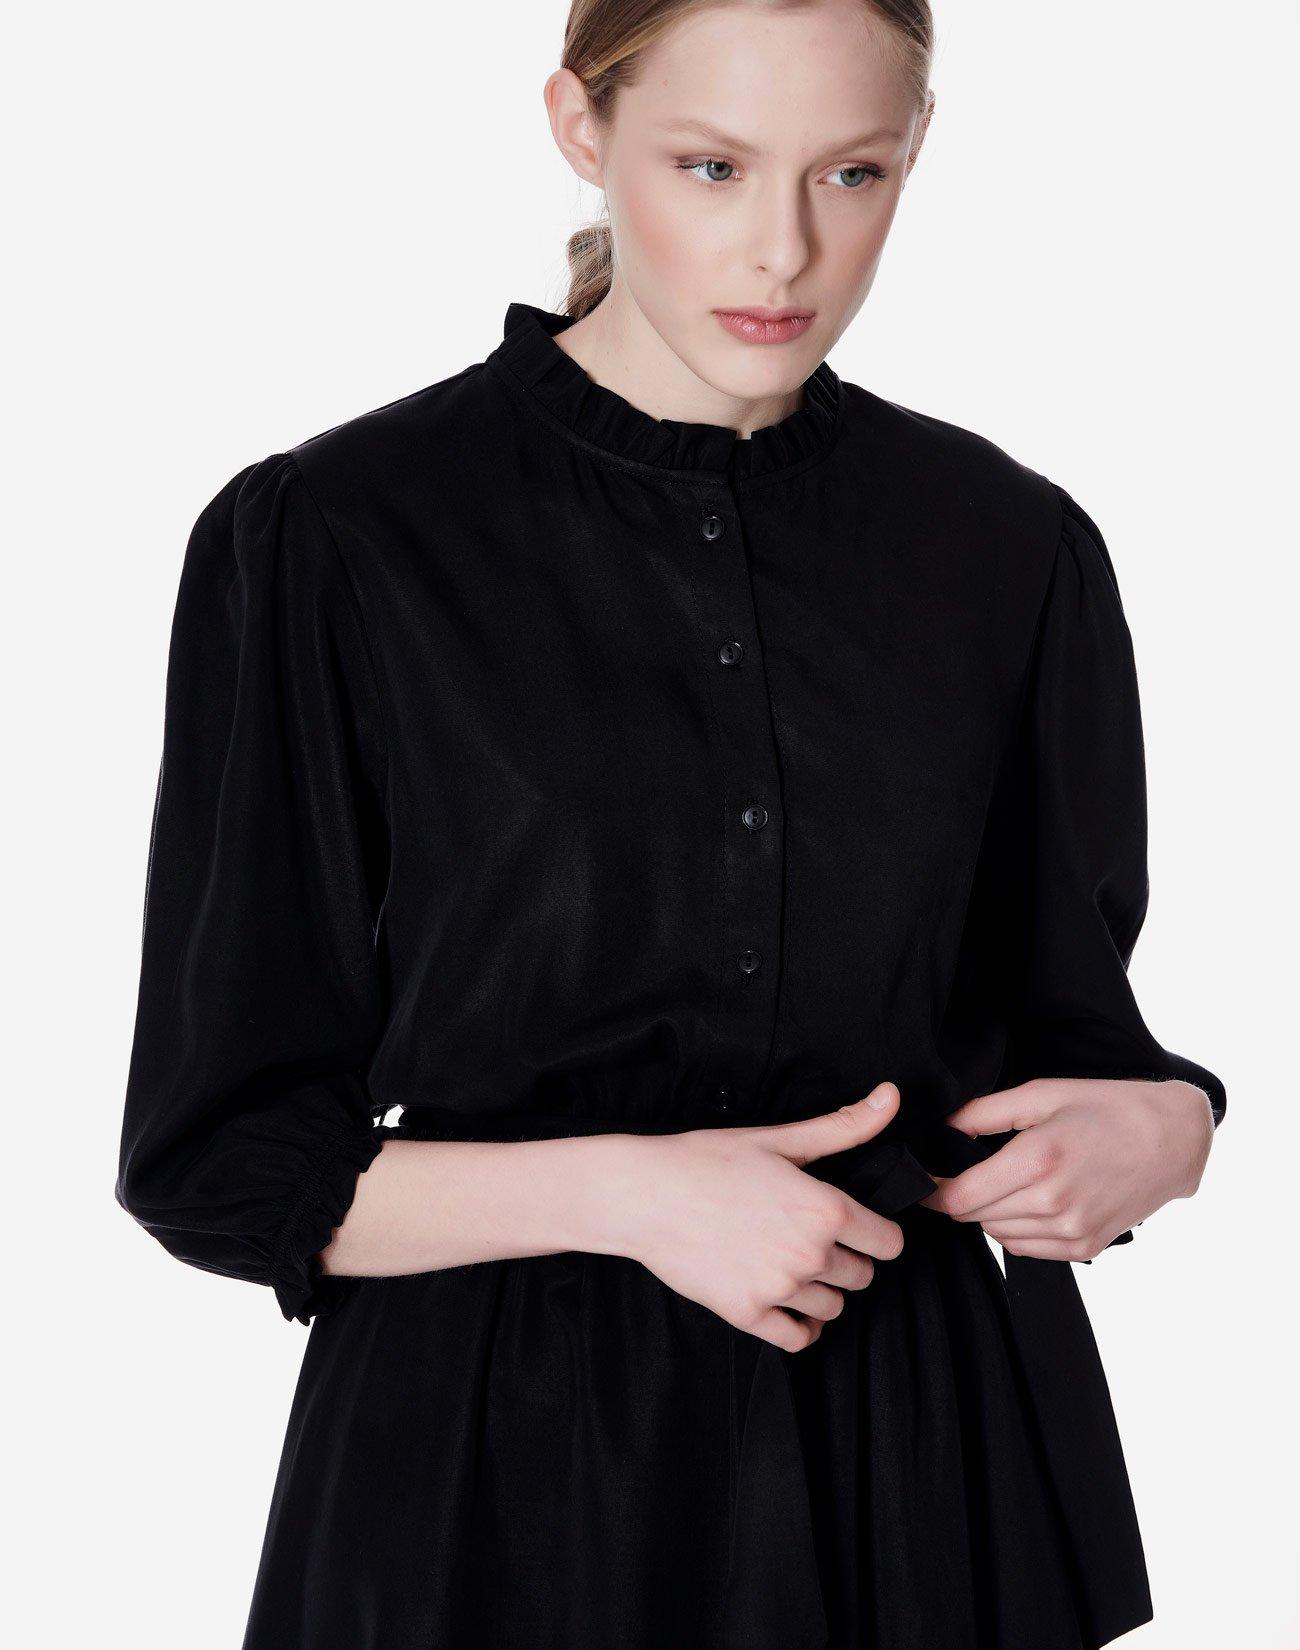 Μίνι φόρεμα με όρθιο γιακά